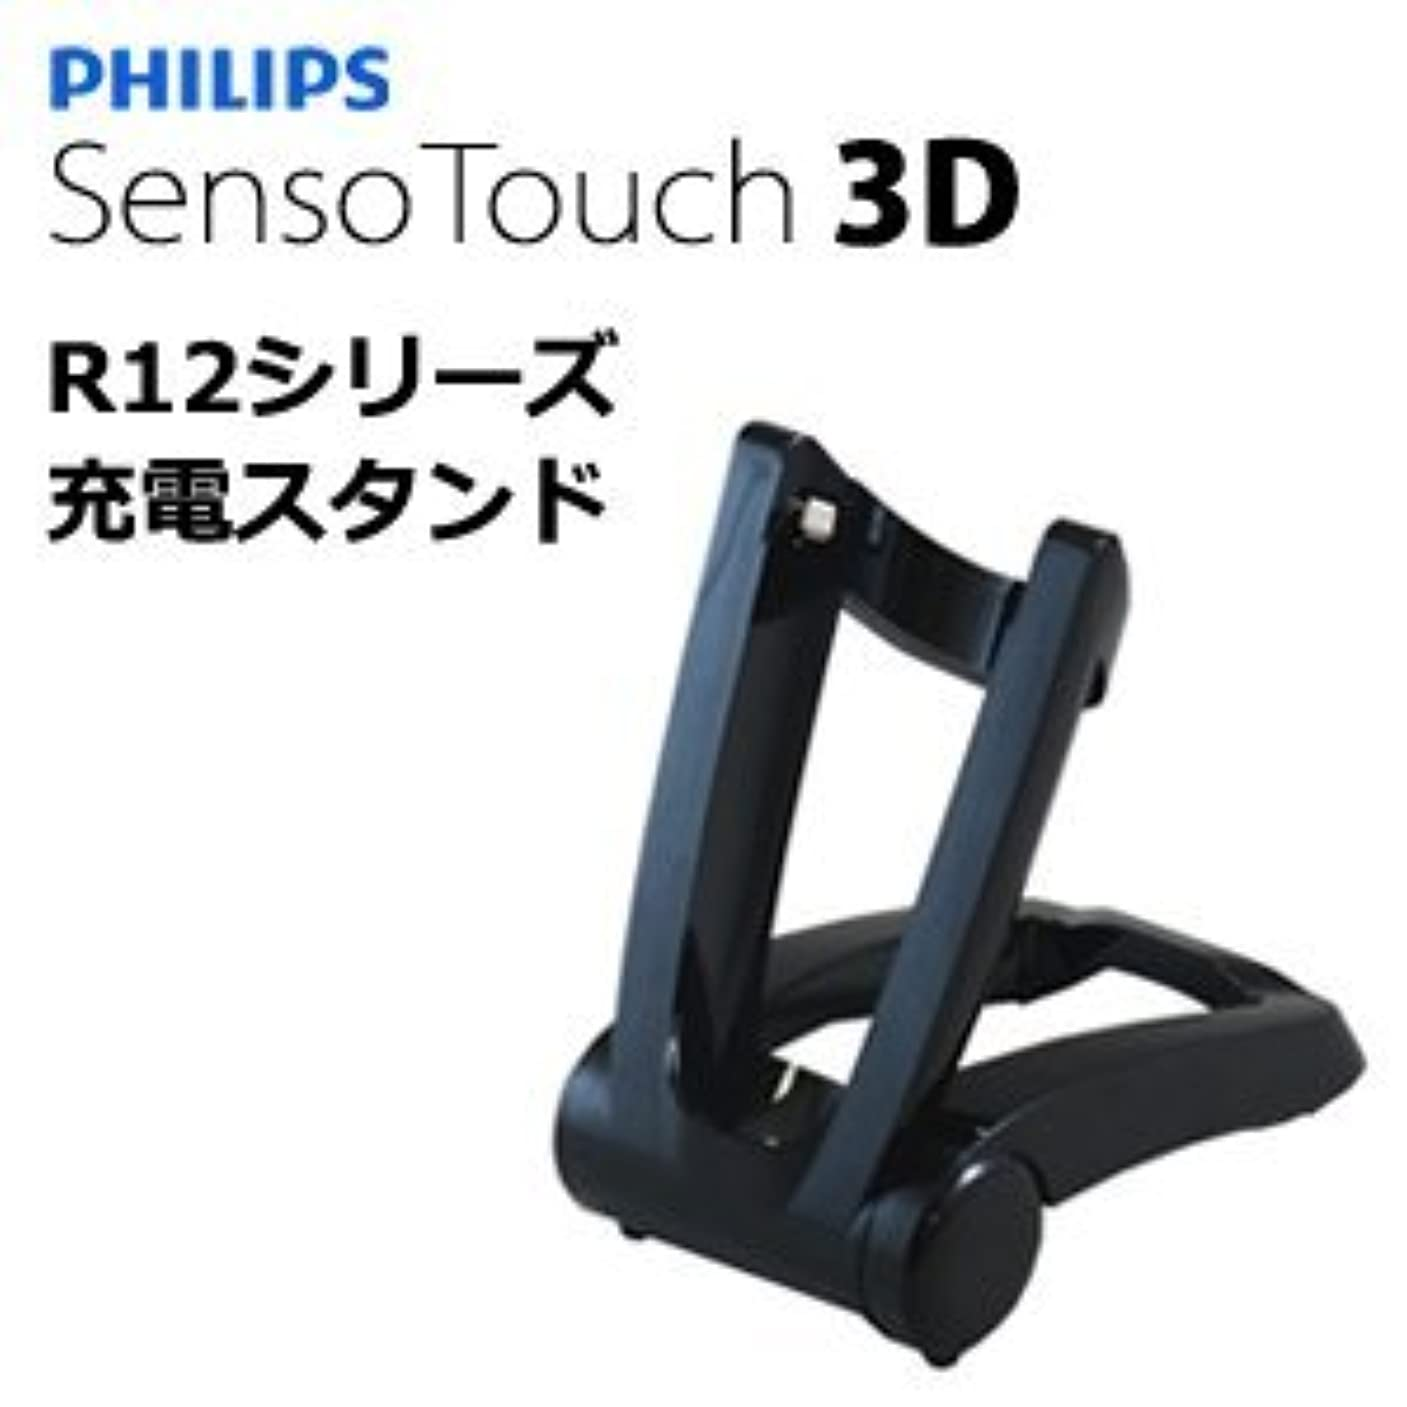 それぞれウェブライムPHILIPS 電動シェーバー Senso Touch 3D RQ12シリーズ 充電器 チャージャースタンド フィリップス センソタッチ シリーズ 携帯 充電器 チャージャー スタンド